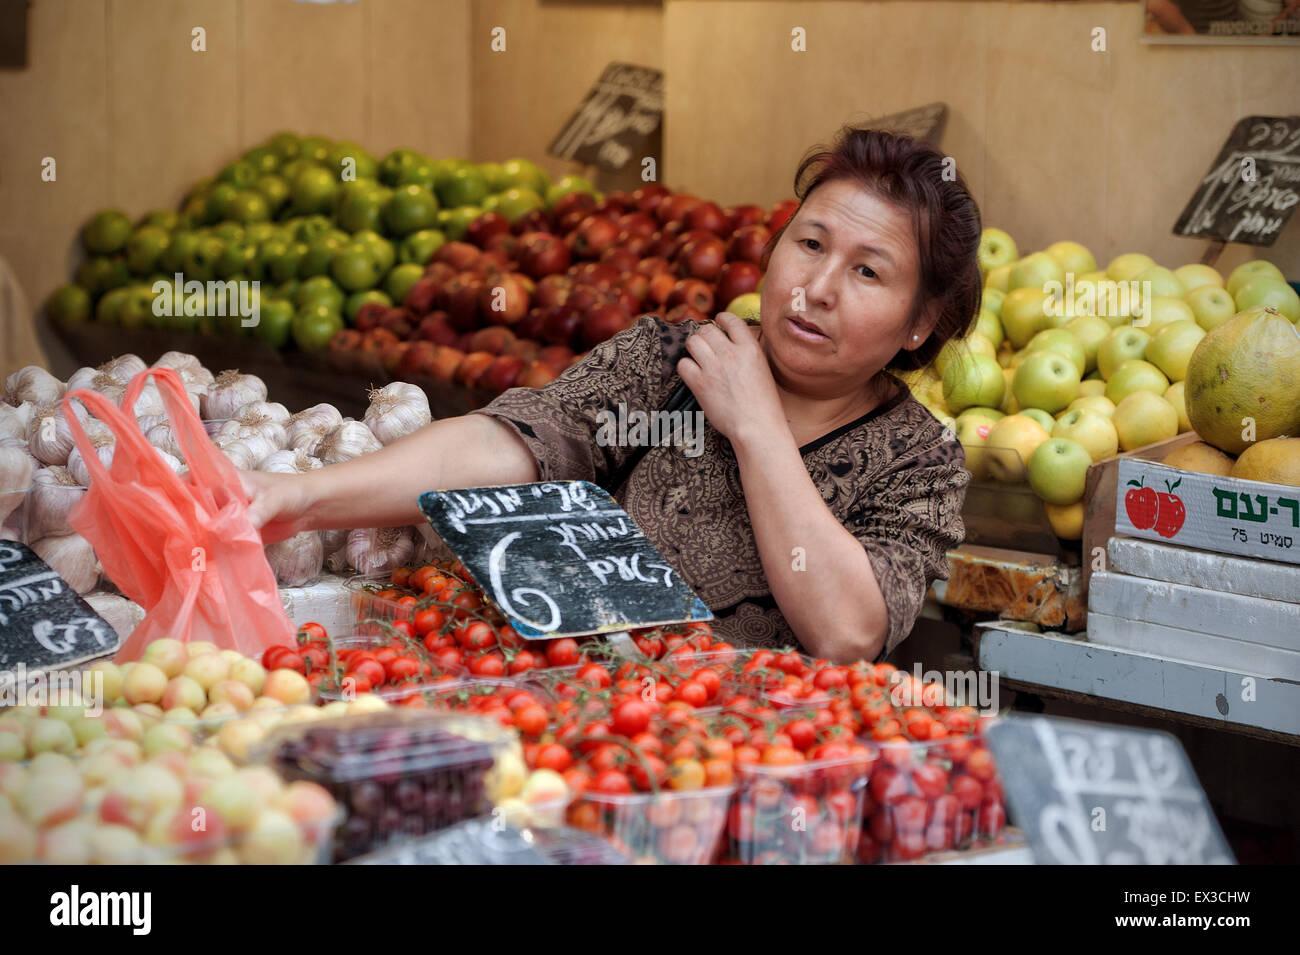 An adult woman shopping for produce at Mahane Yehuda, Jerusalem, Israel - Stock Image